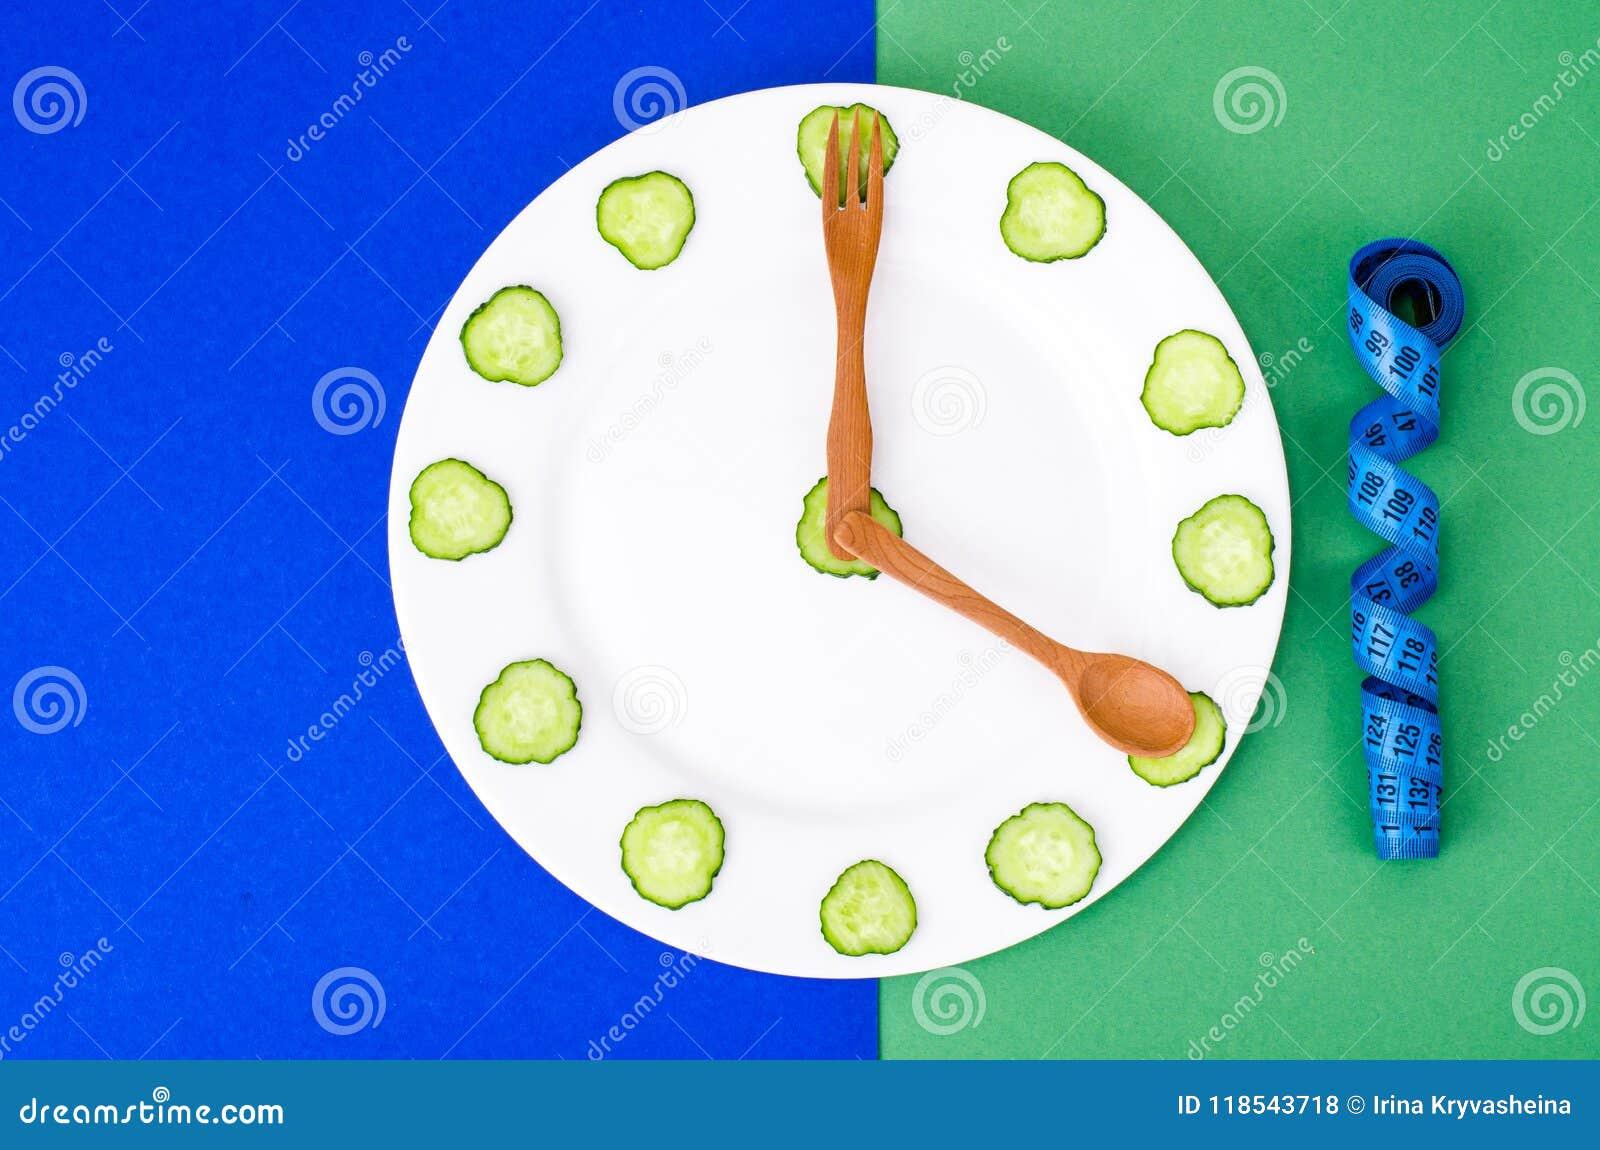 Begrepp av diet-näring, sund livsstil, vegetarisk meny